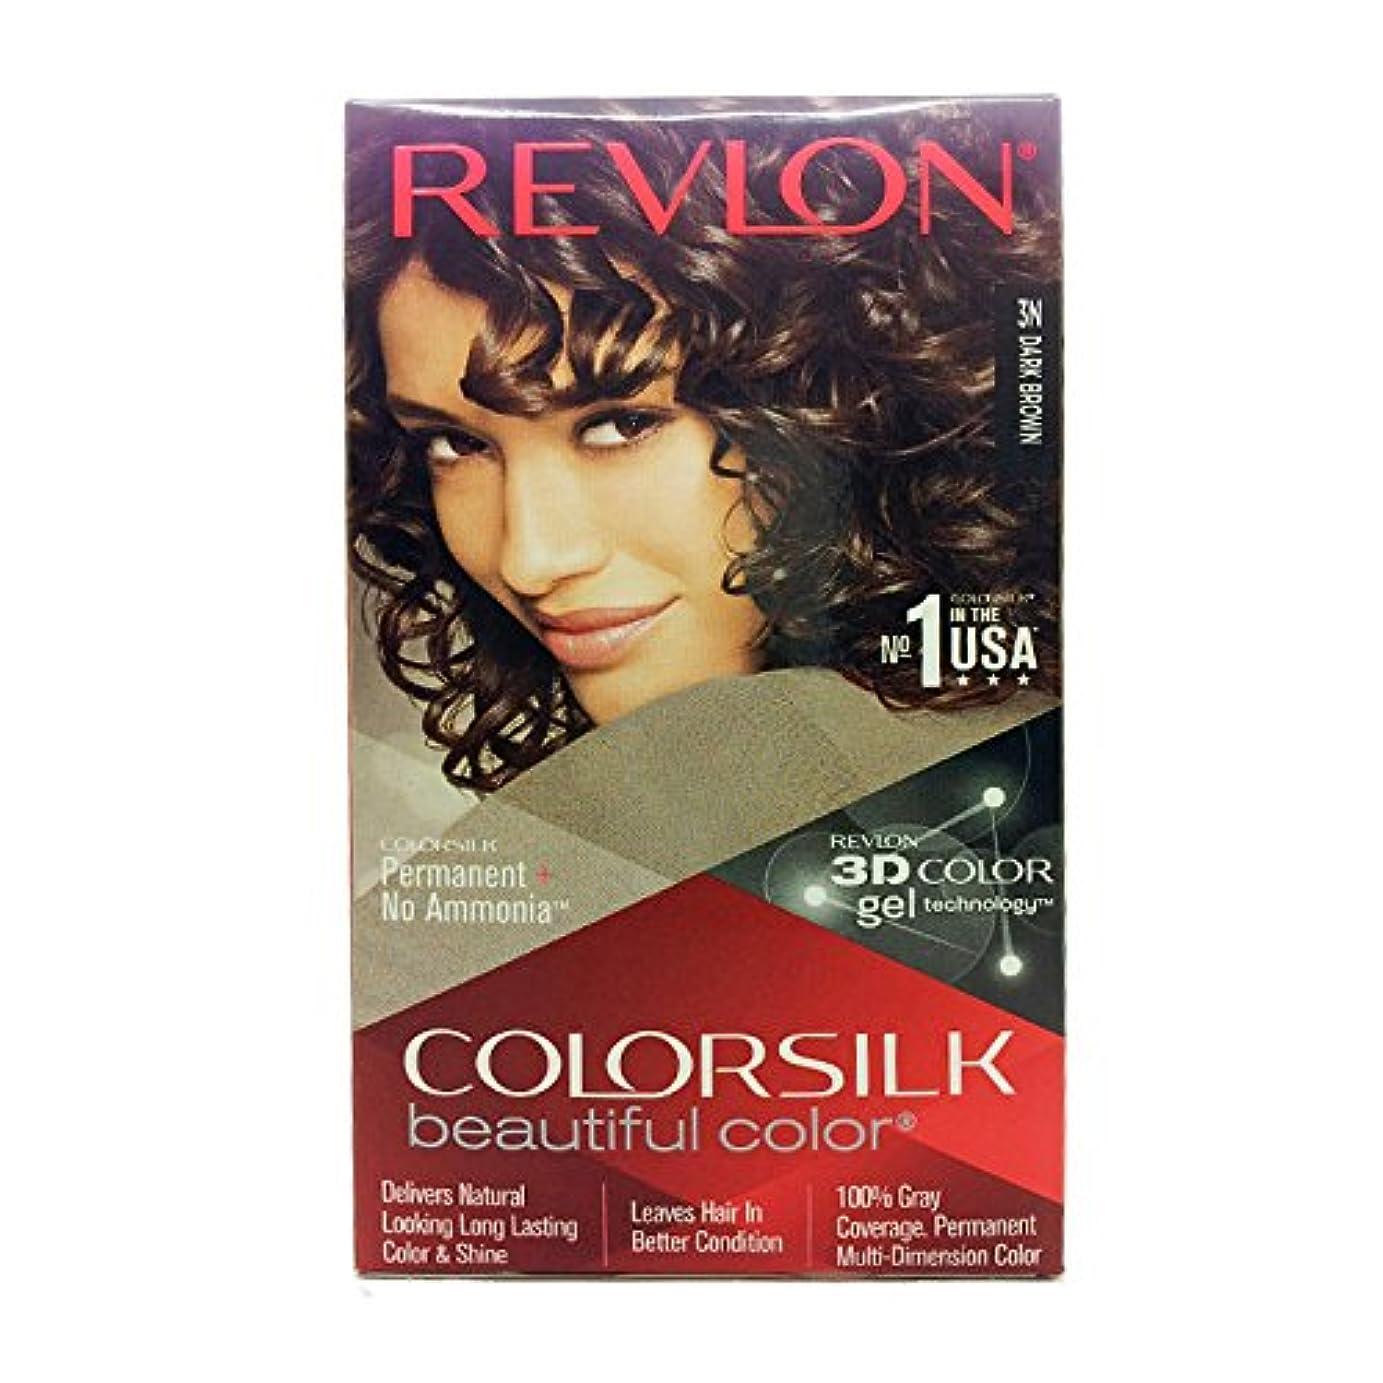 辞書パイリンクRevlon Colorsilk Hair Color with 3D Color Gel Technology Dark Brown 3N